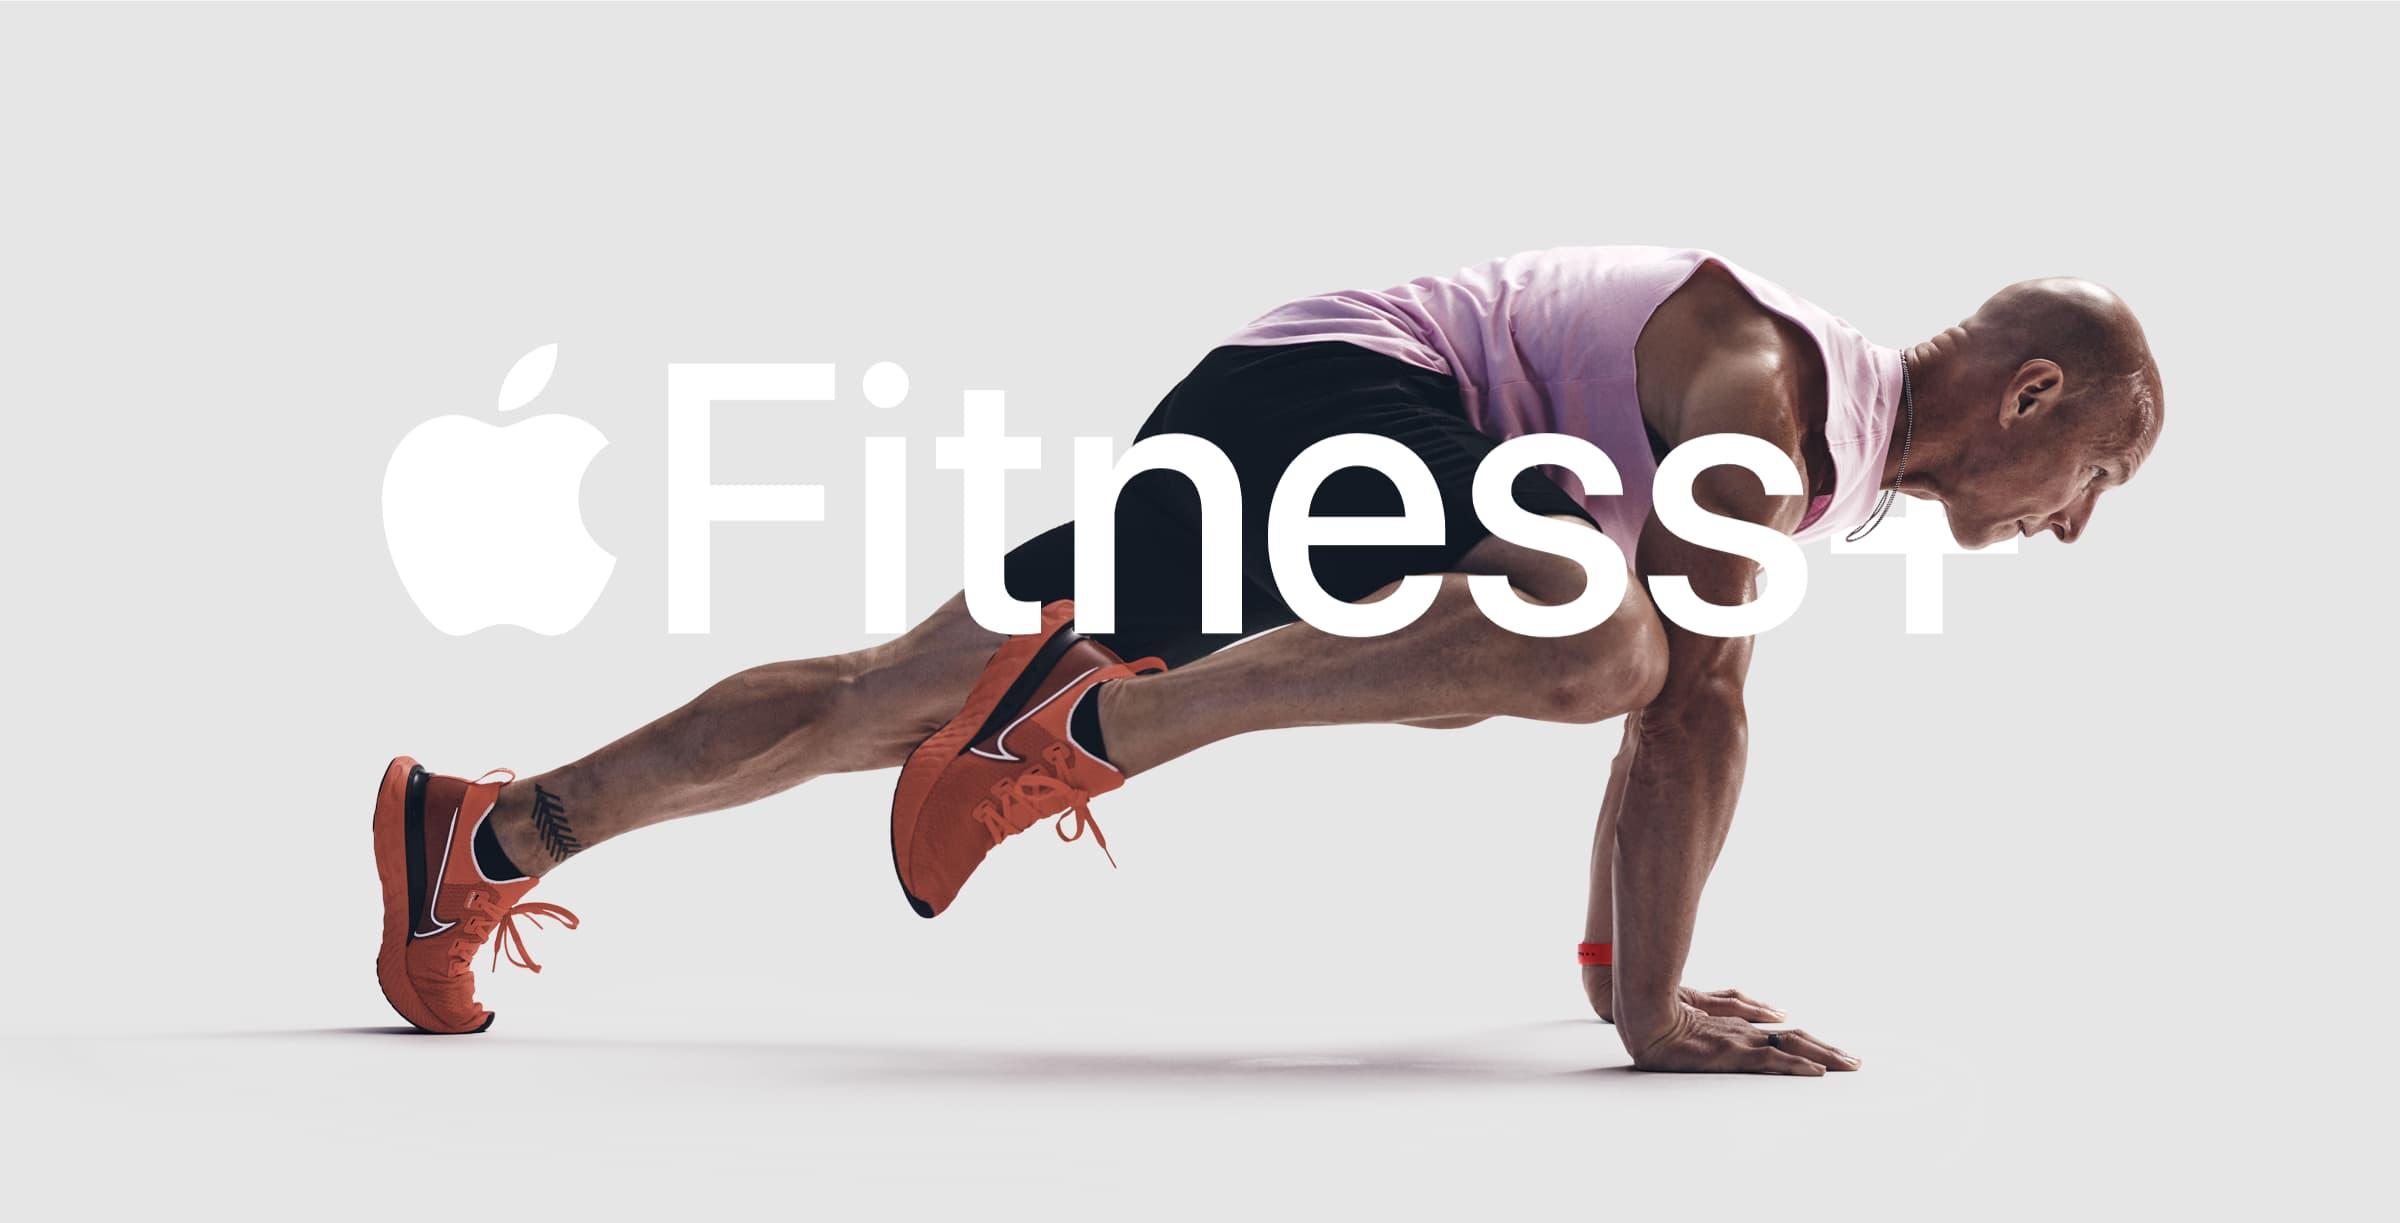 Se ha cancelado la combinación de Apple Fitness +: imagen de héroe